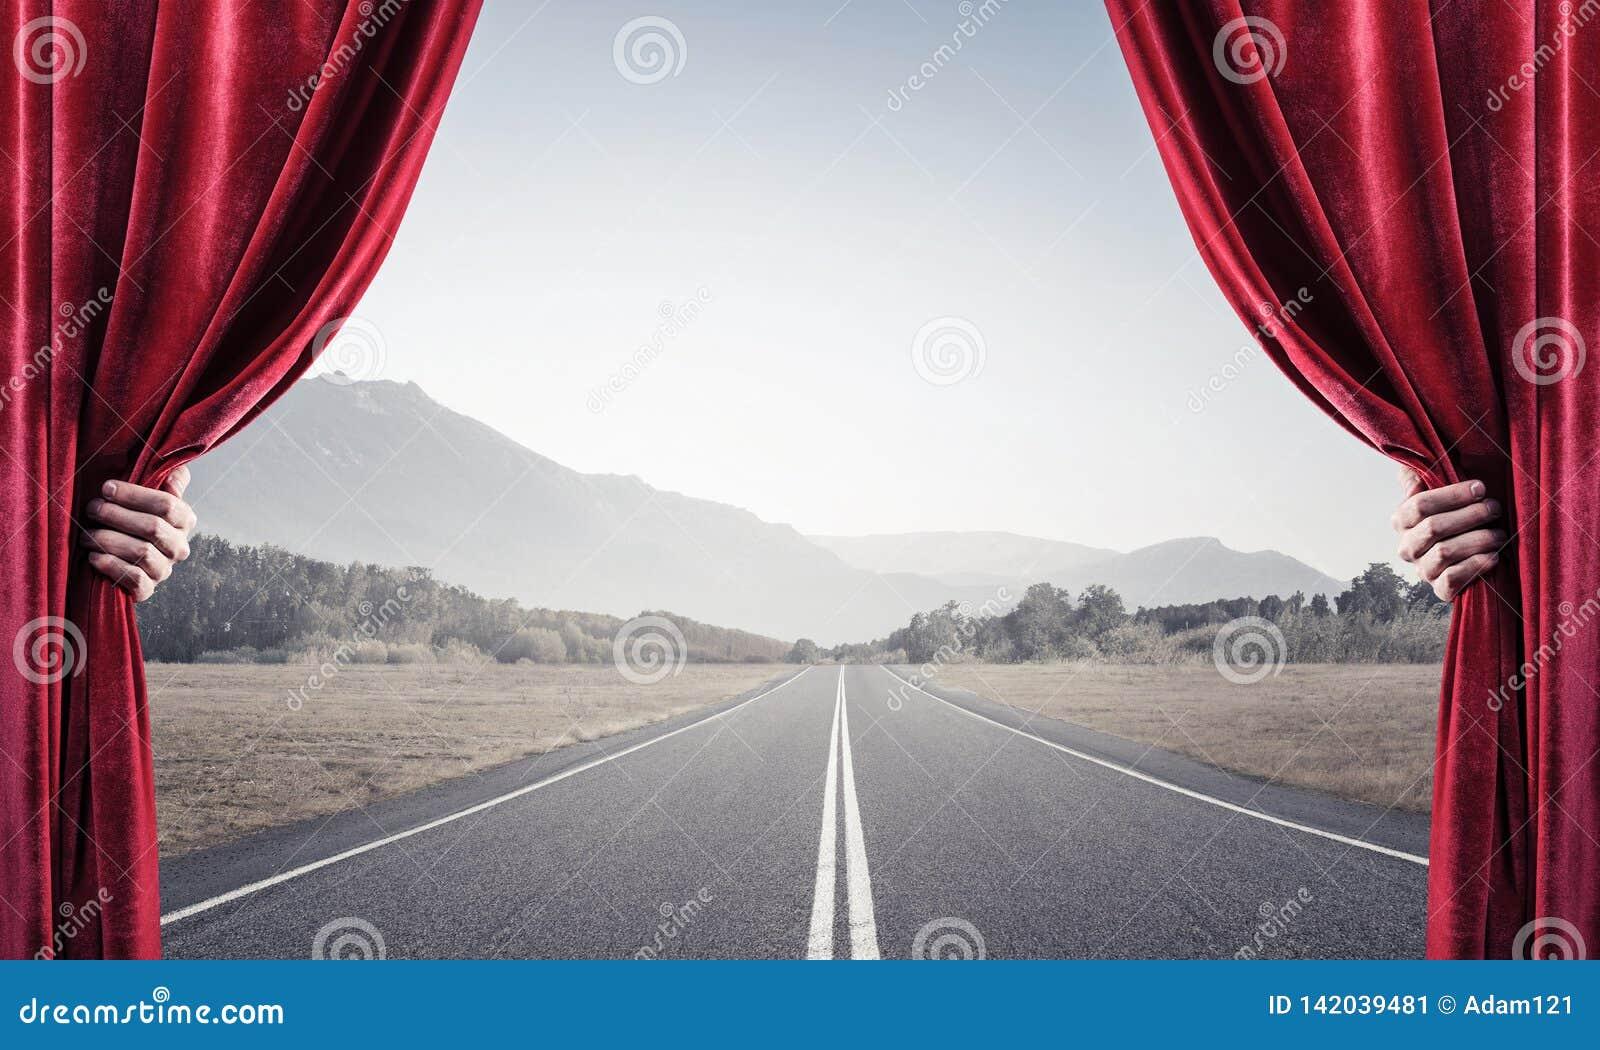 Asfalto la carretera detrás de la cortina roja y dé sostenerla